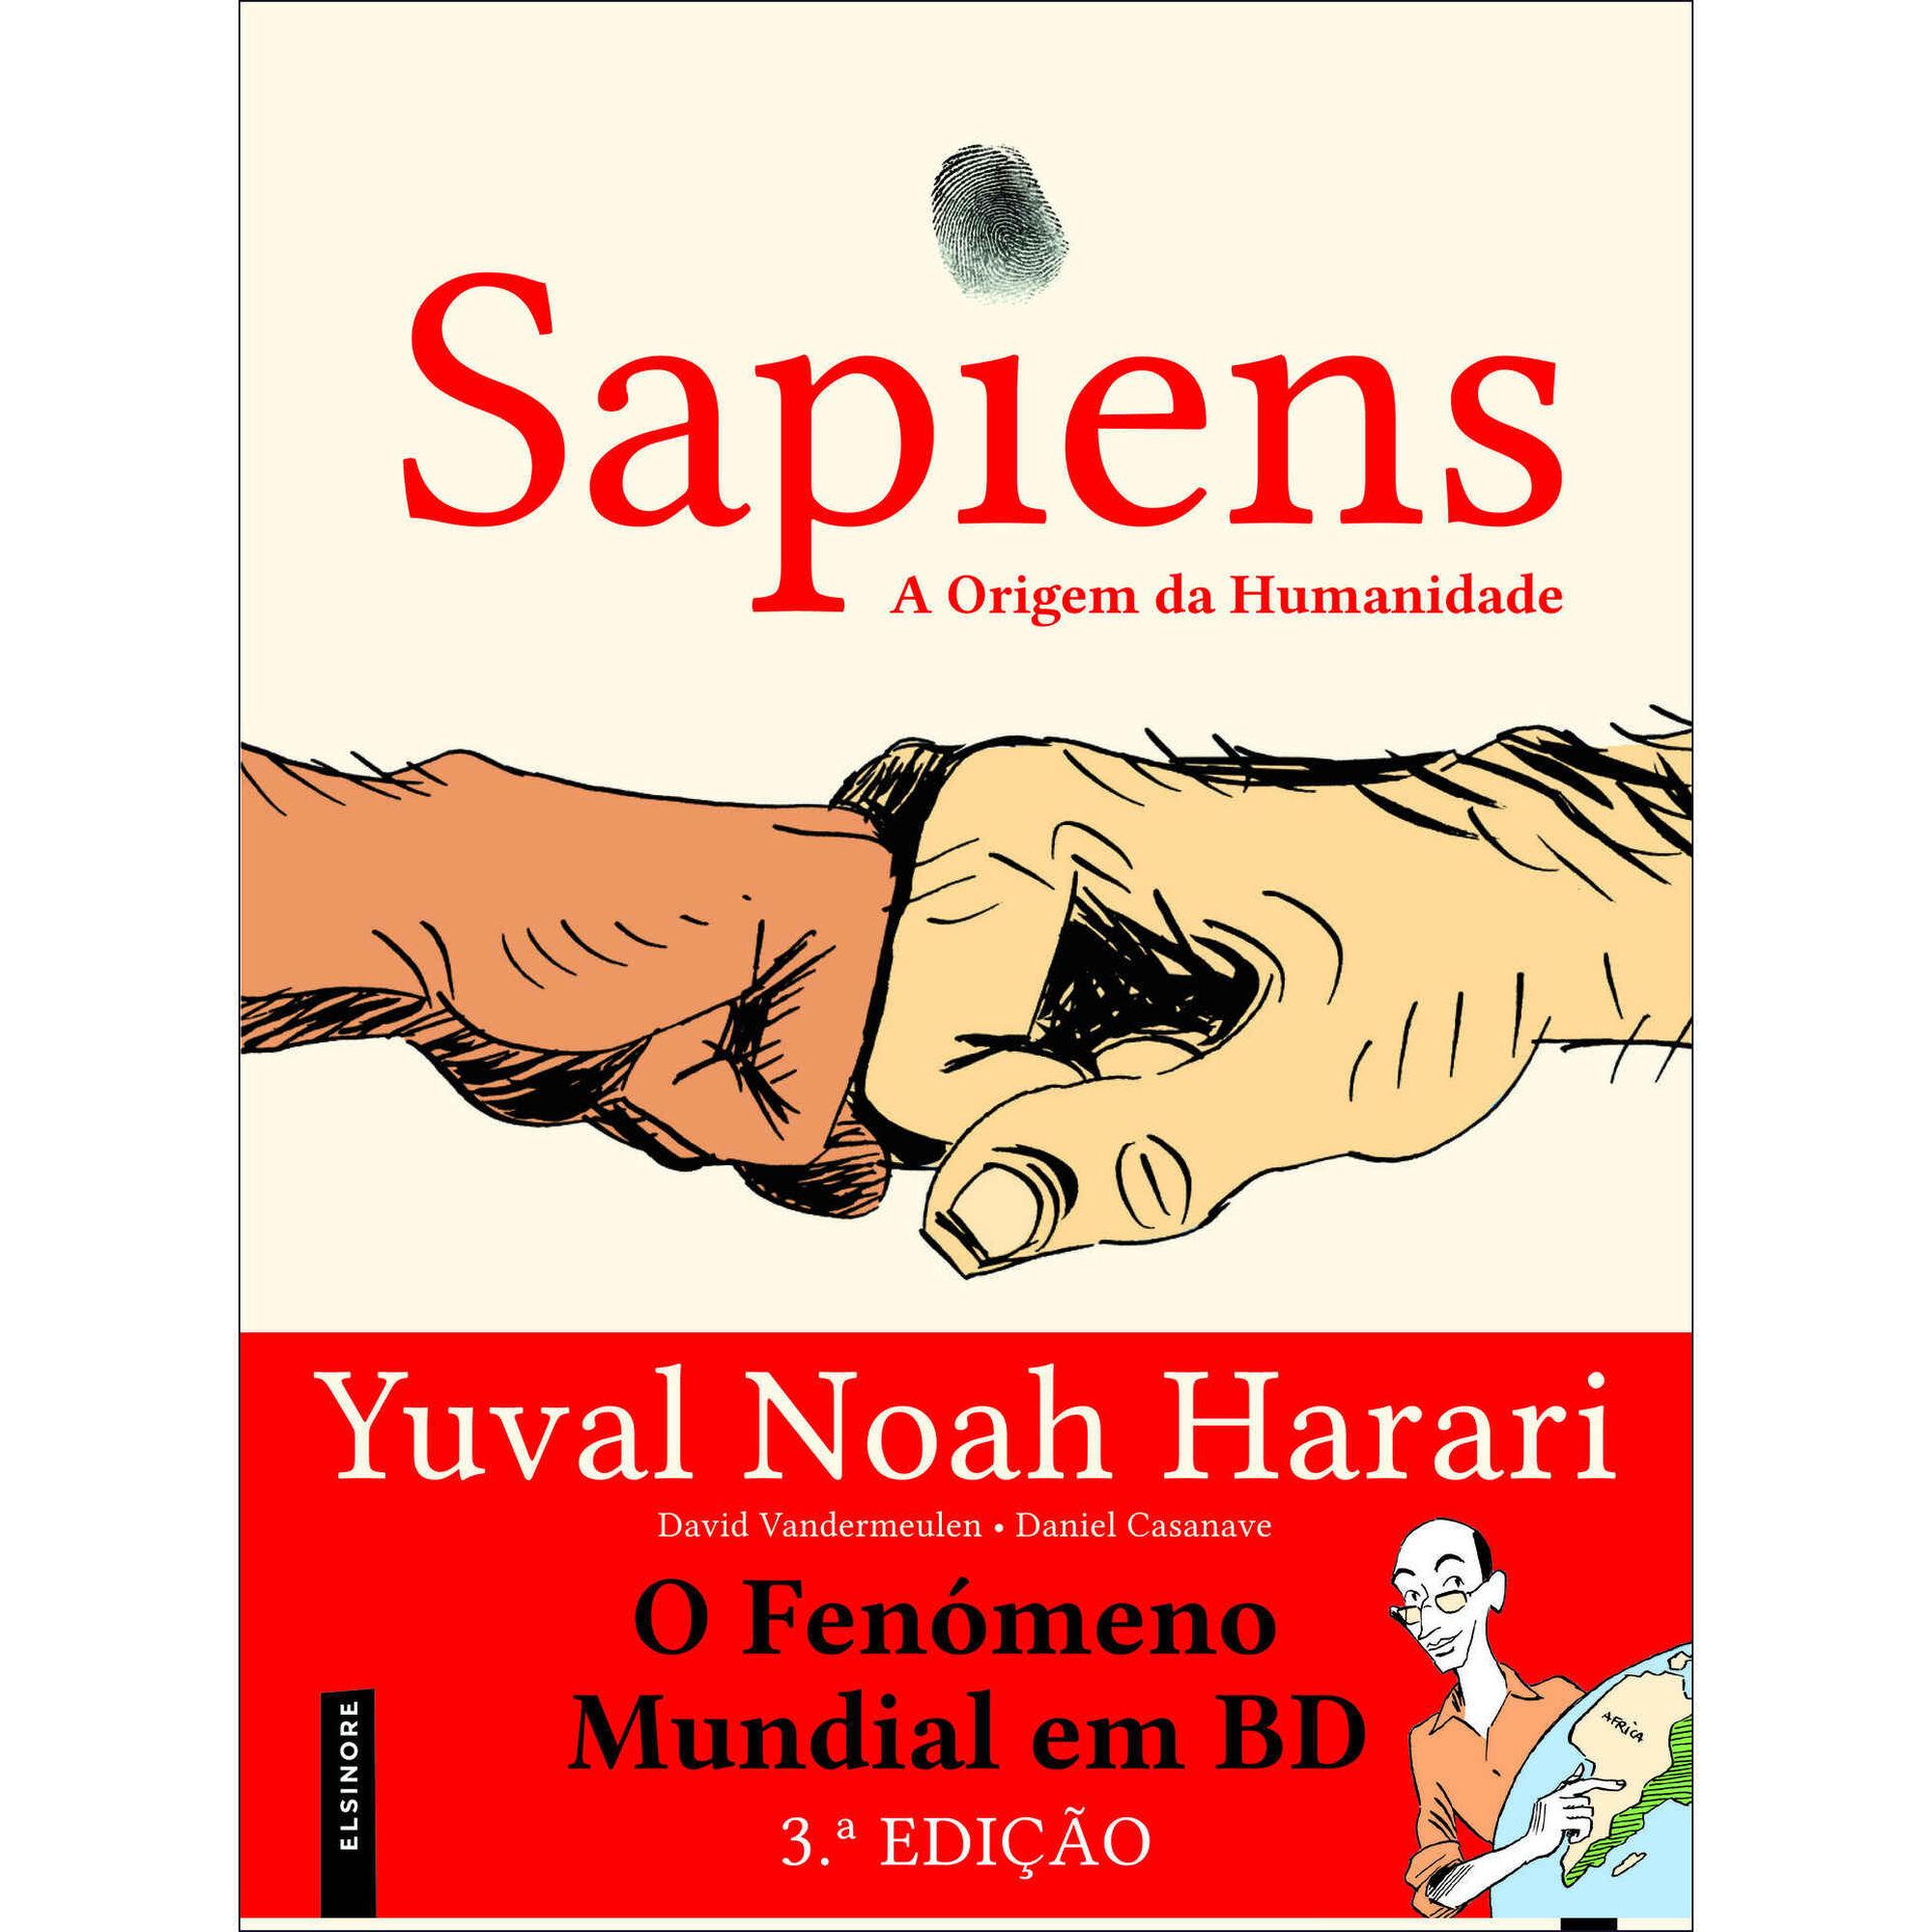 Sapiens: A Origem da Humanidade (volume 1)